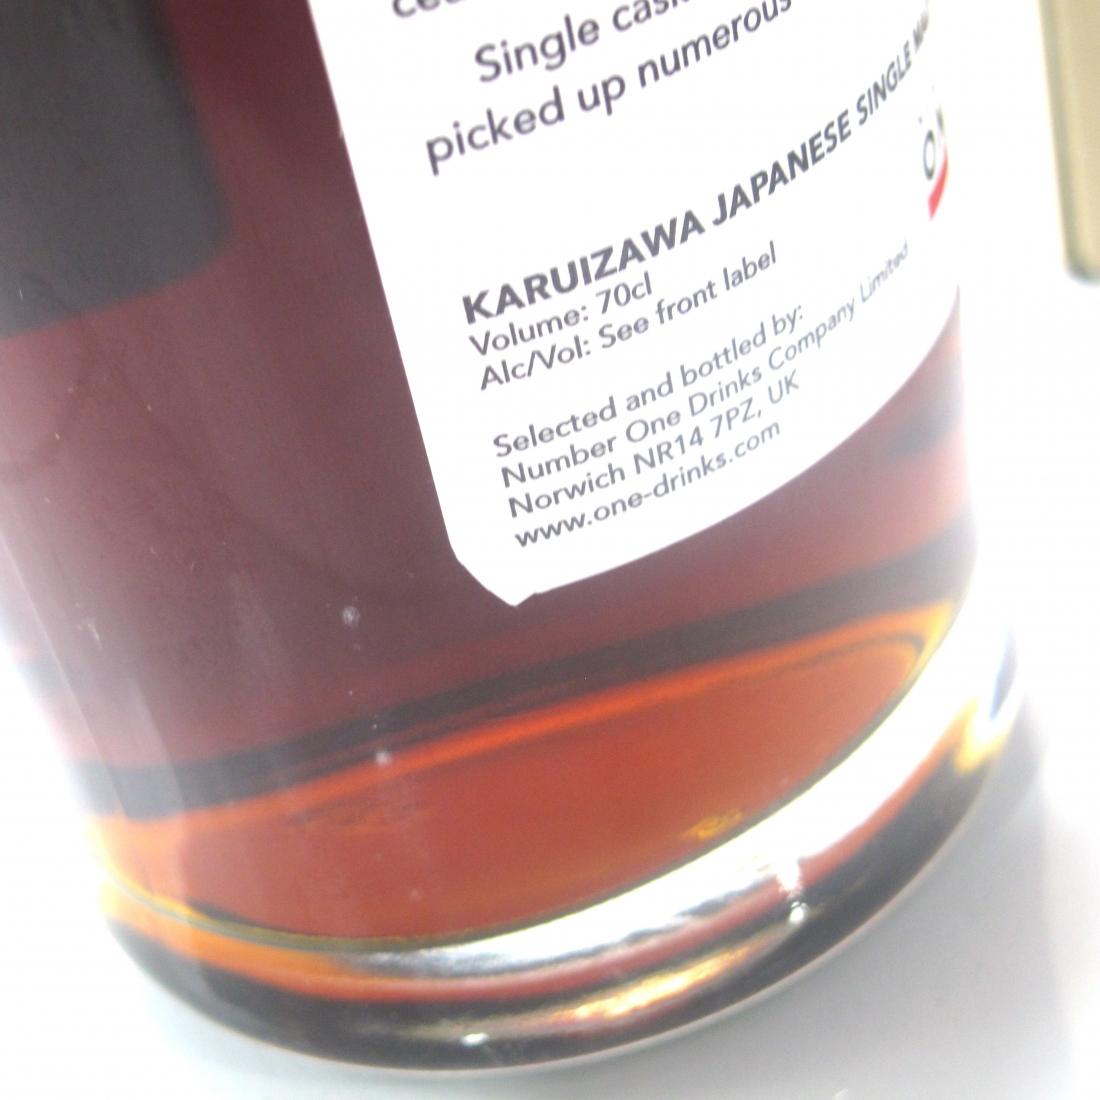 Karuizawa 1984 Single Cask #7914